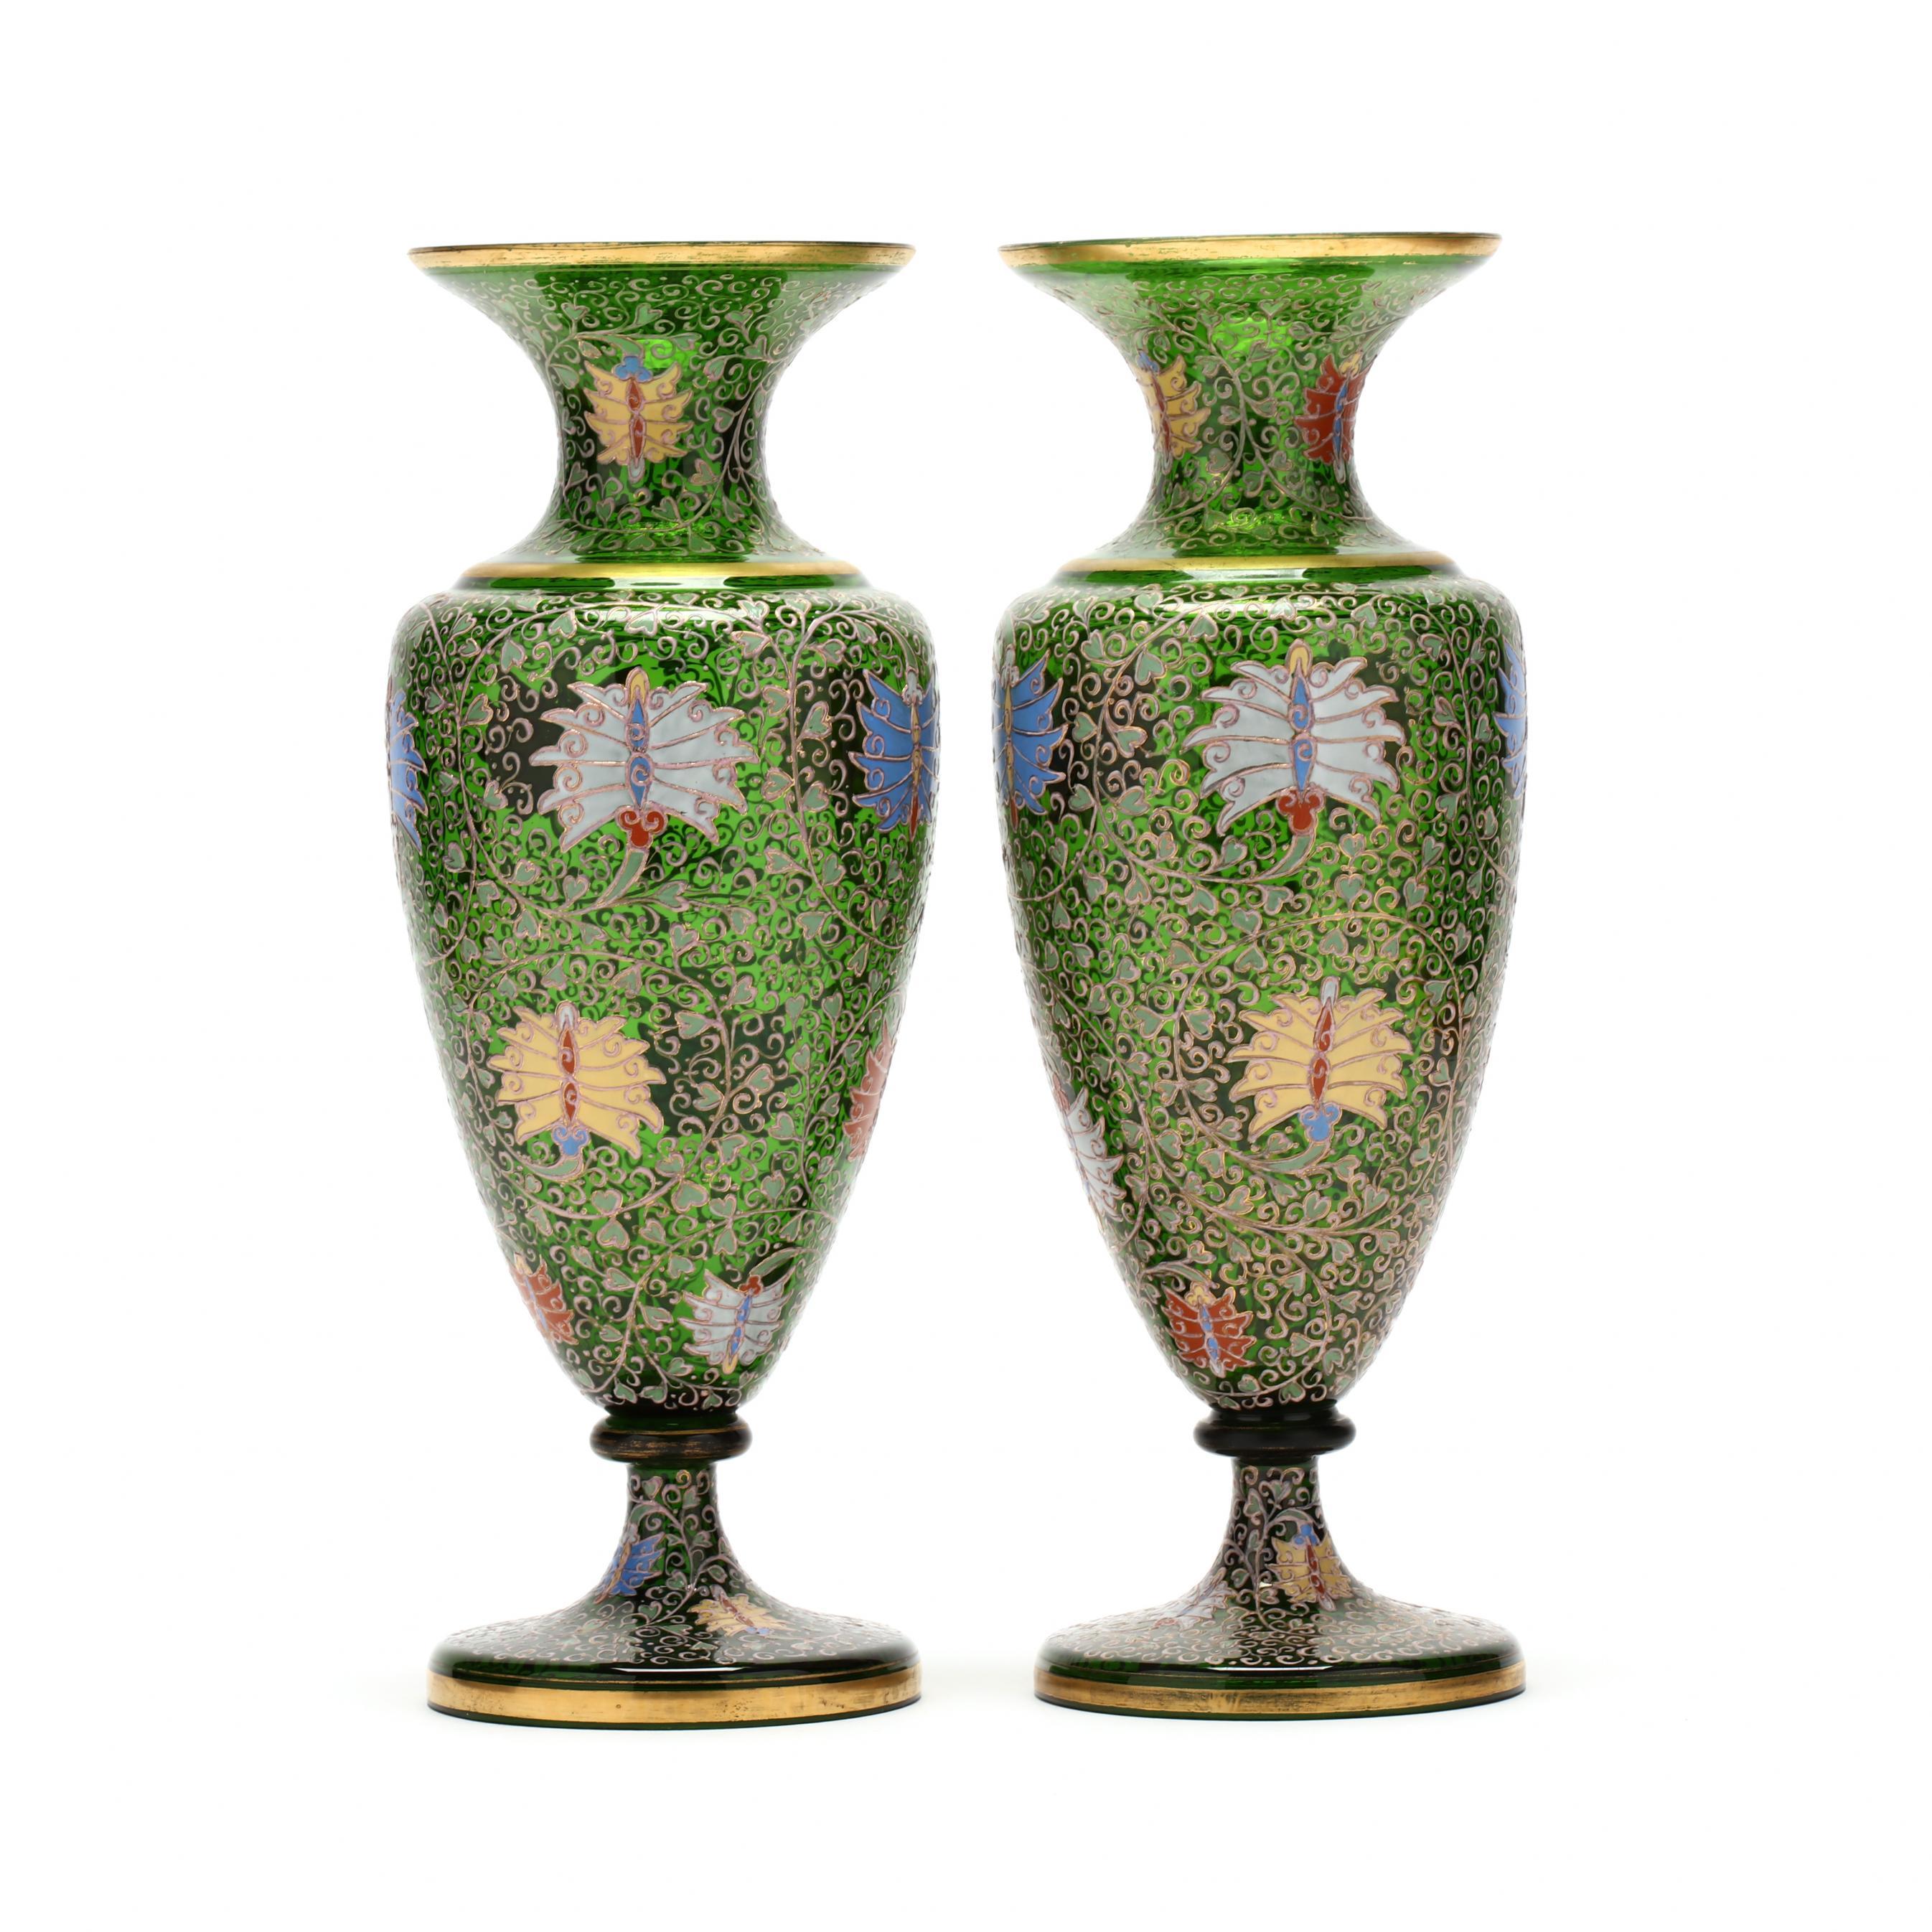 att-lobmeyr-pair-of-tall-art-glass-vases